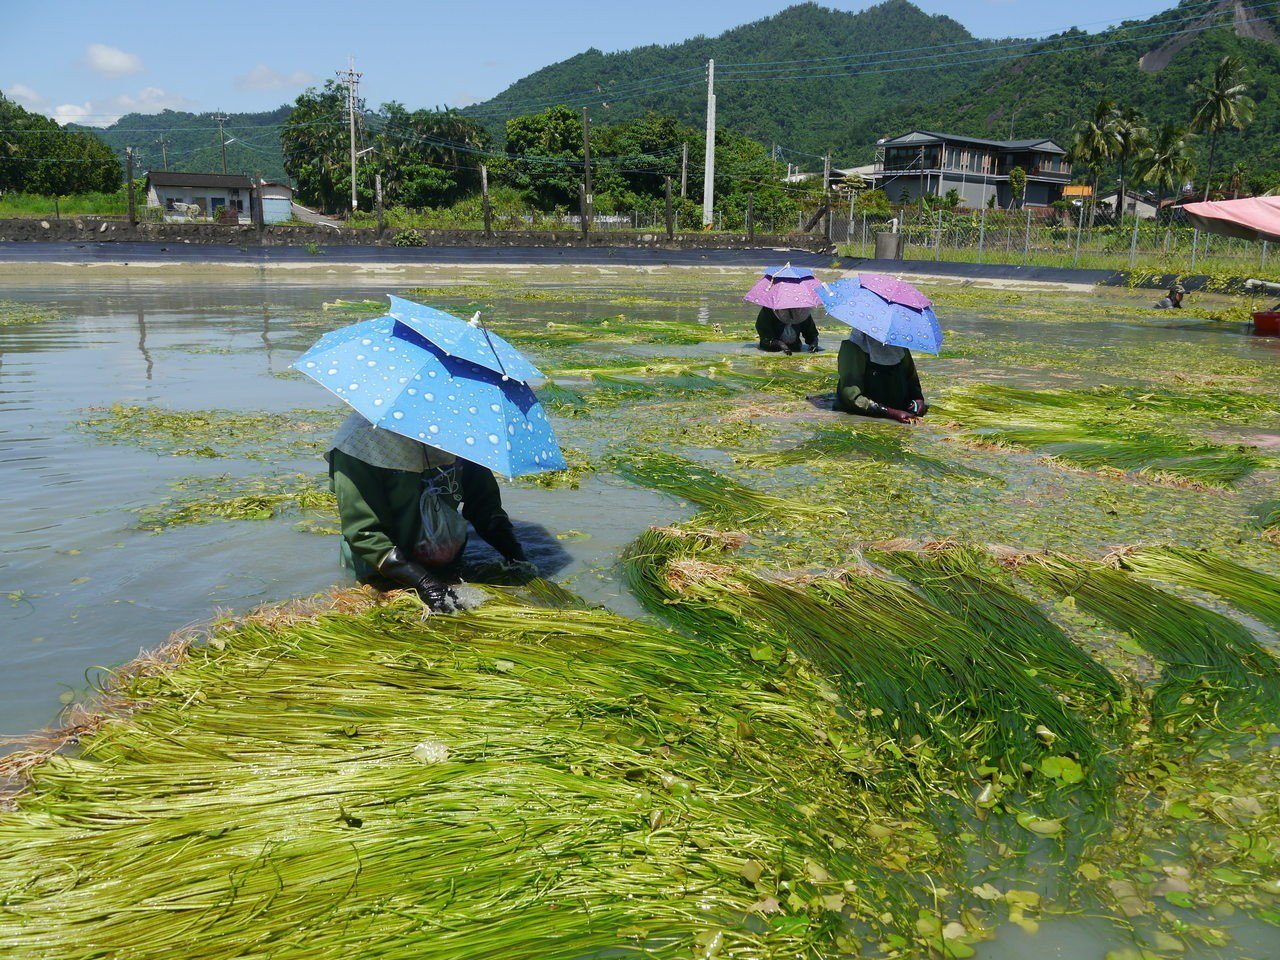 美濃野蓮是當地重要作物,有了職災保險,採蓮工人若中暑可獲得理賠。記者徐白櫻/攝影